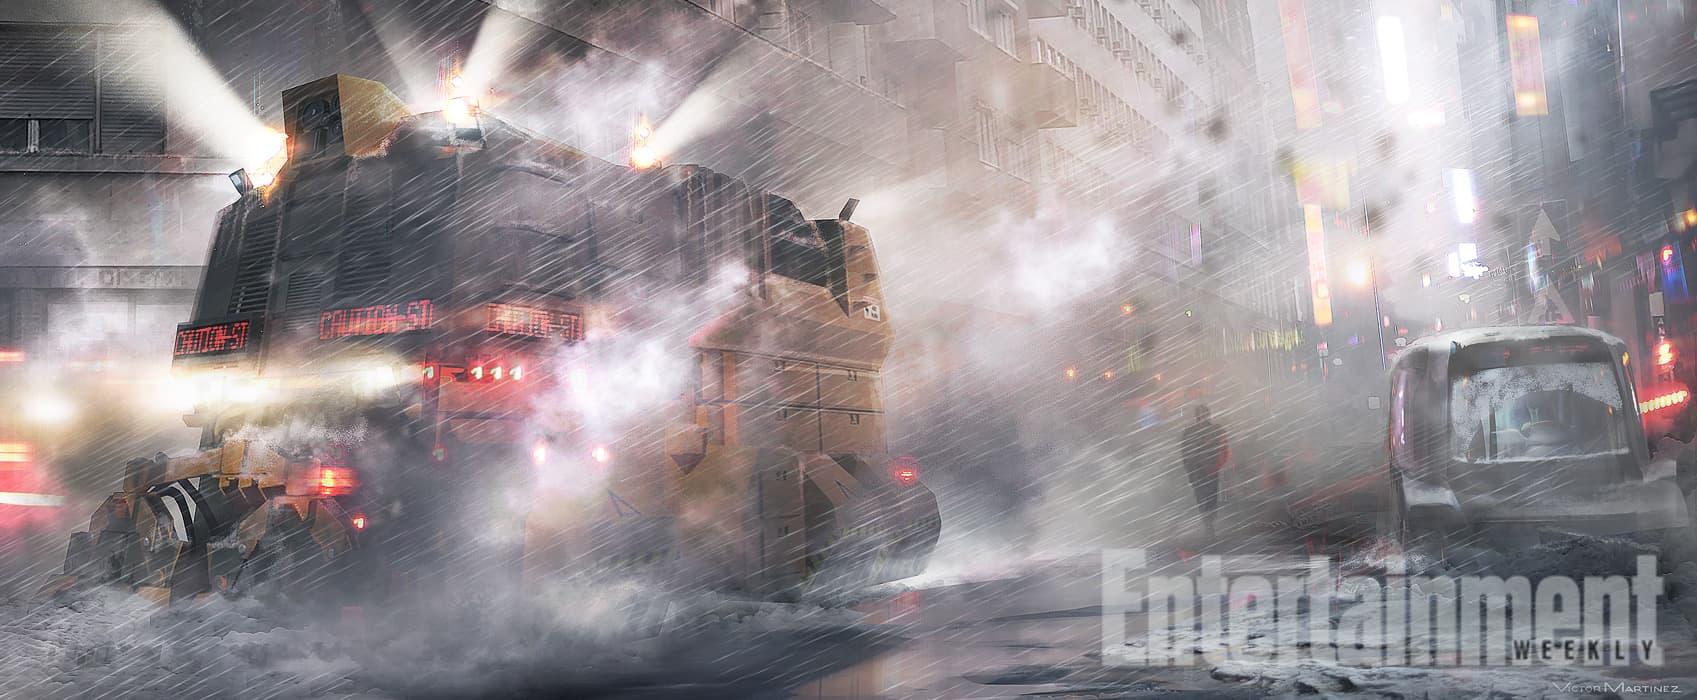 Blade Runner Sequel (2017) Concept Art